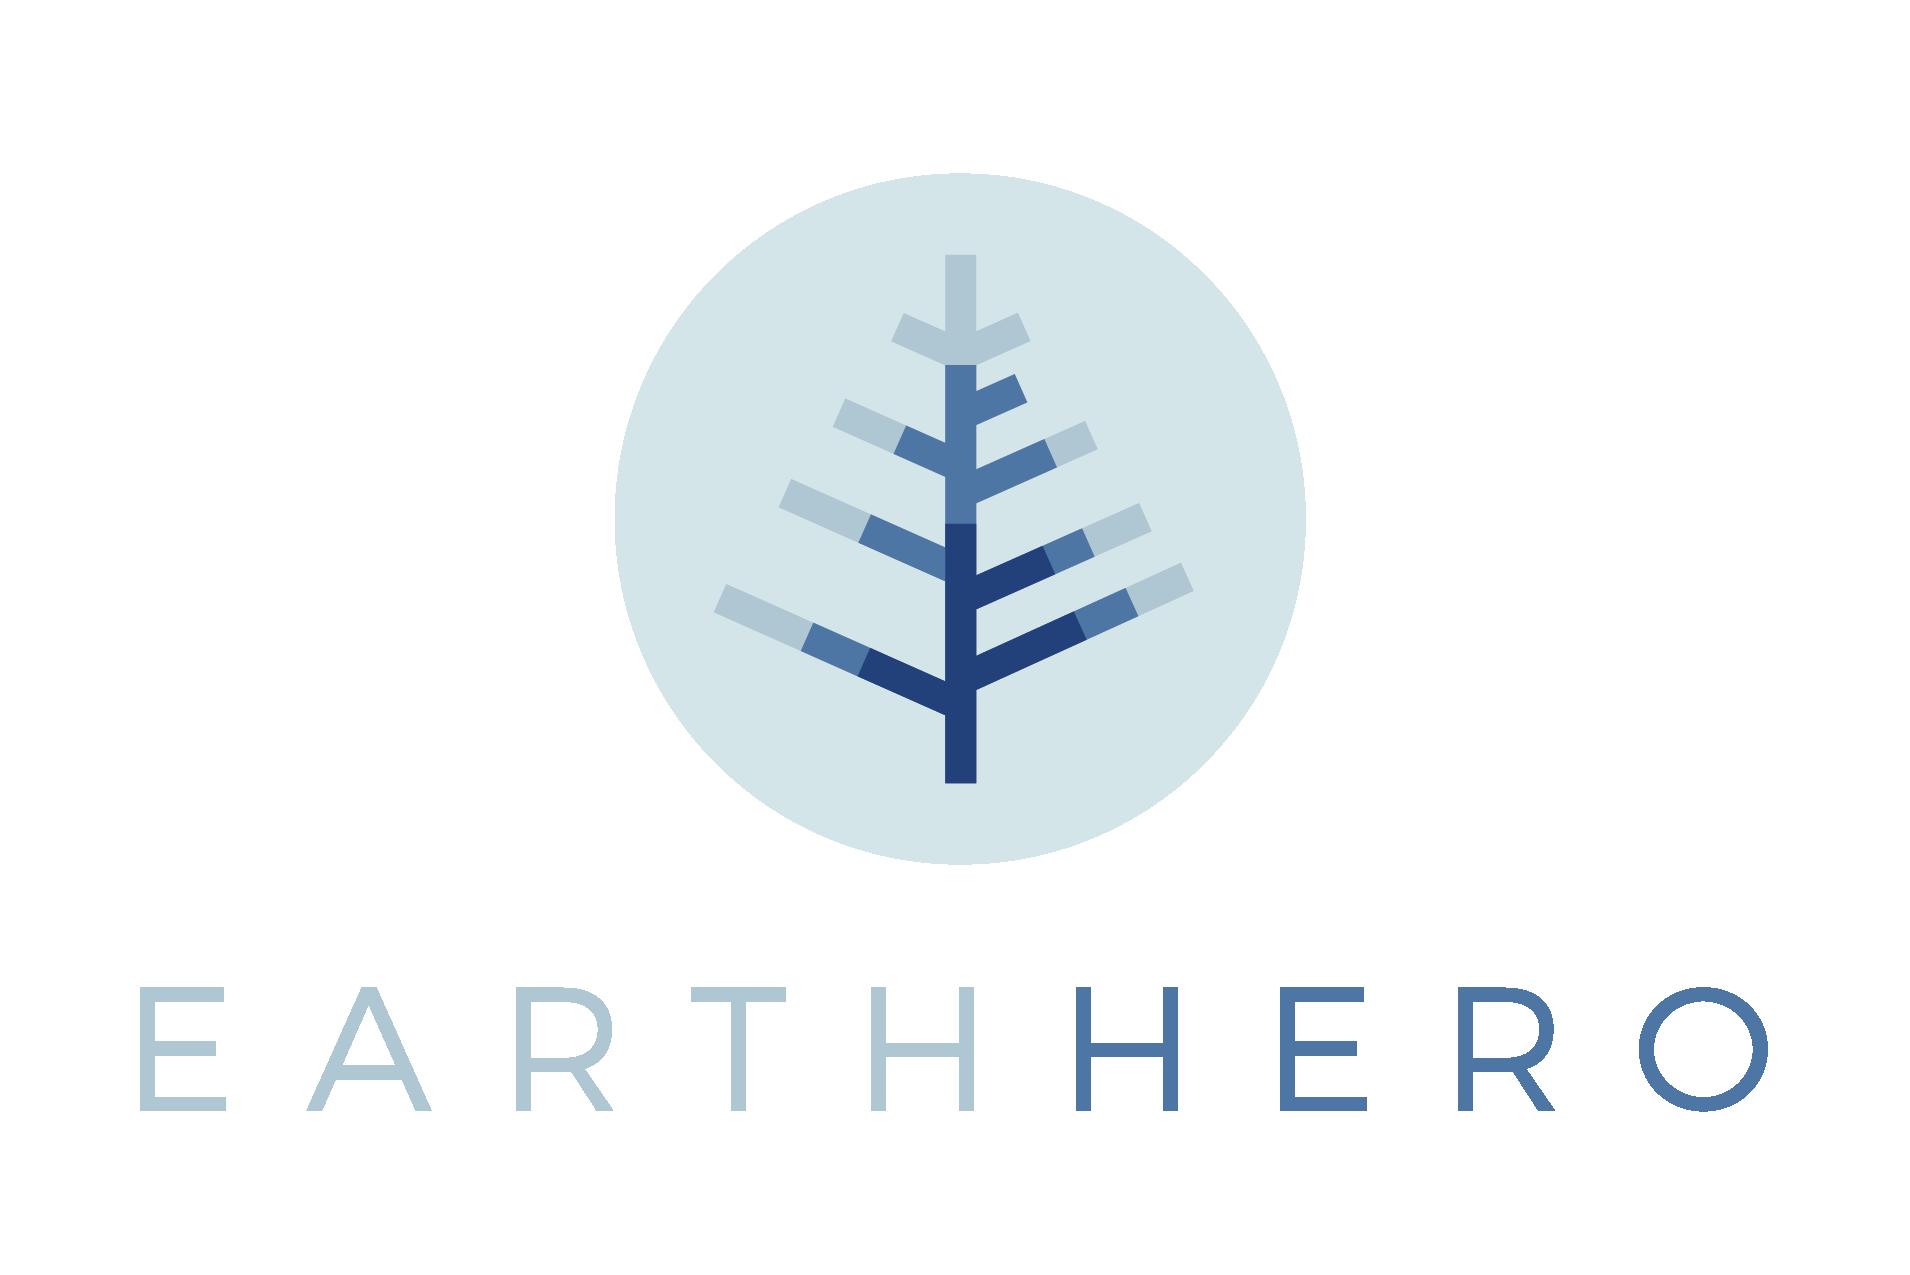 Earth hero logov1